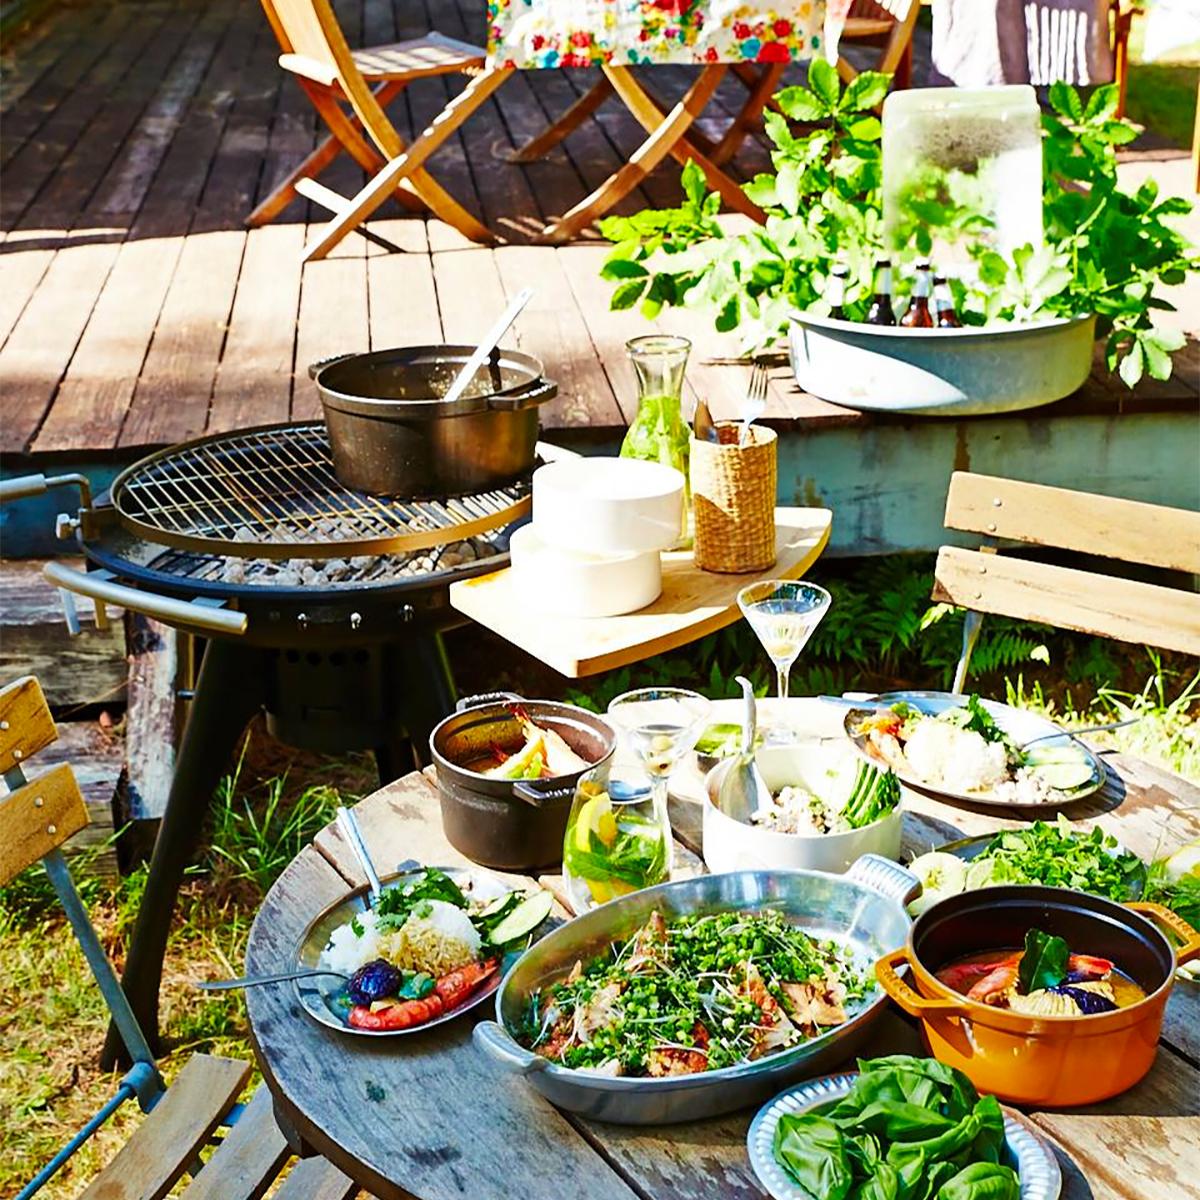 みんなとBBQが楽しめる庭、バラやハーブが香るイングリッシュガーデン、オリーブの木とデッキチェアを並べた心地よいテラス…あなたの理想の庭に、ぴったりのガーデンホース|Royal Gardeners Club(ロイヤルガーデナーズクラブ)